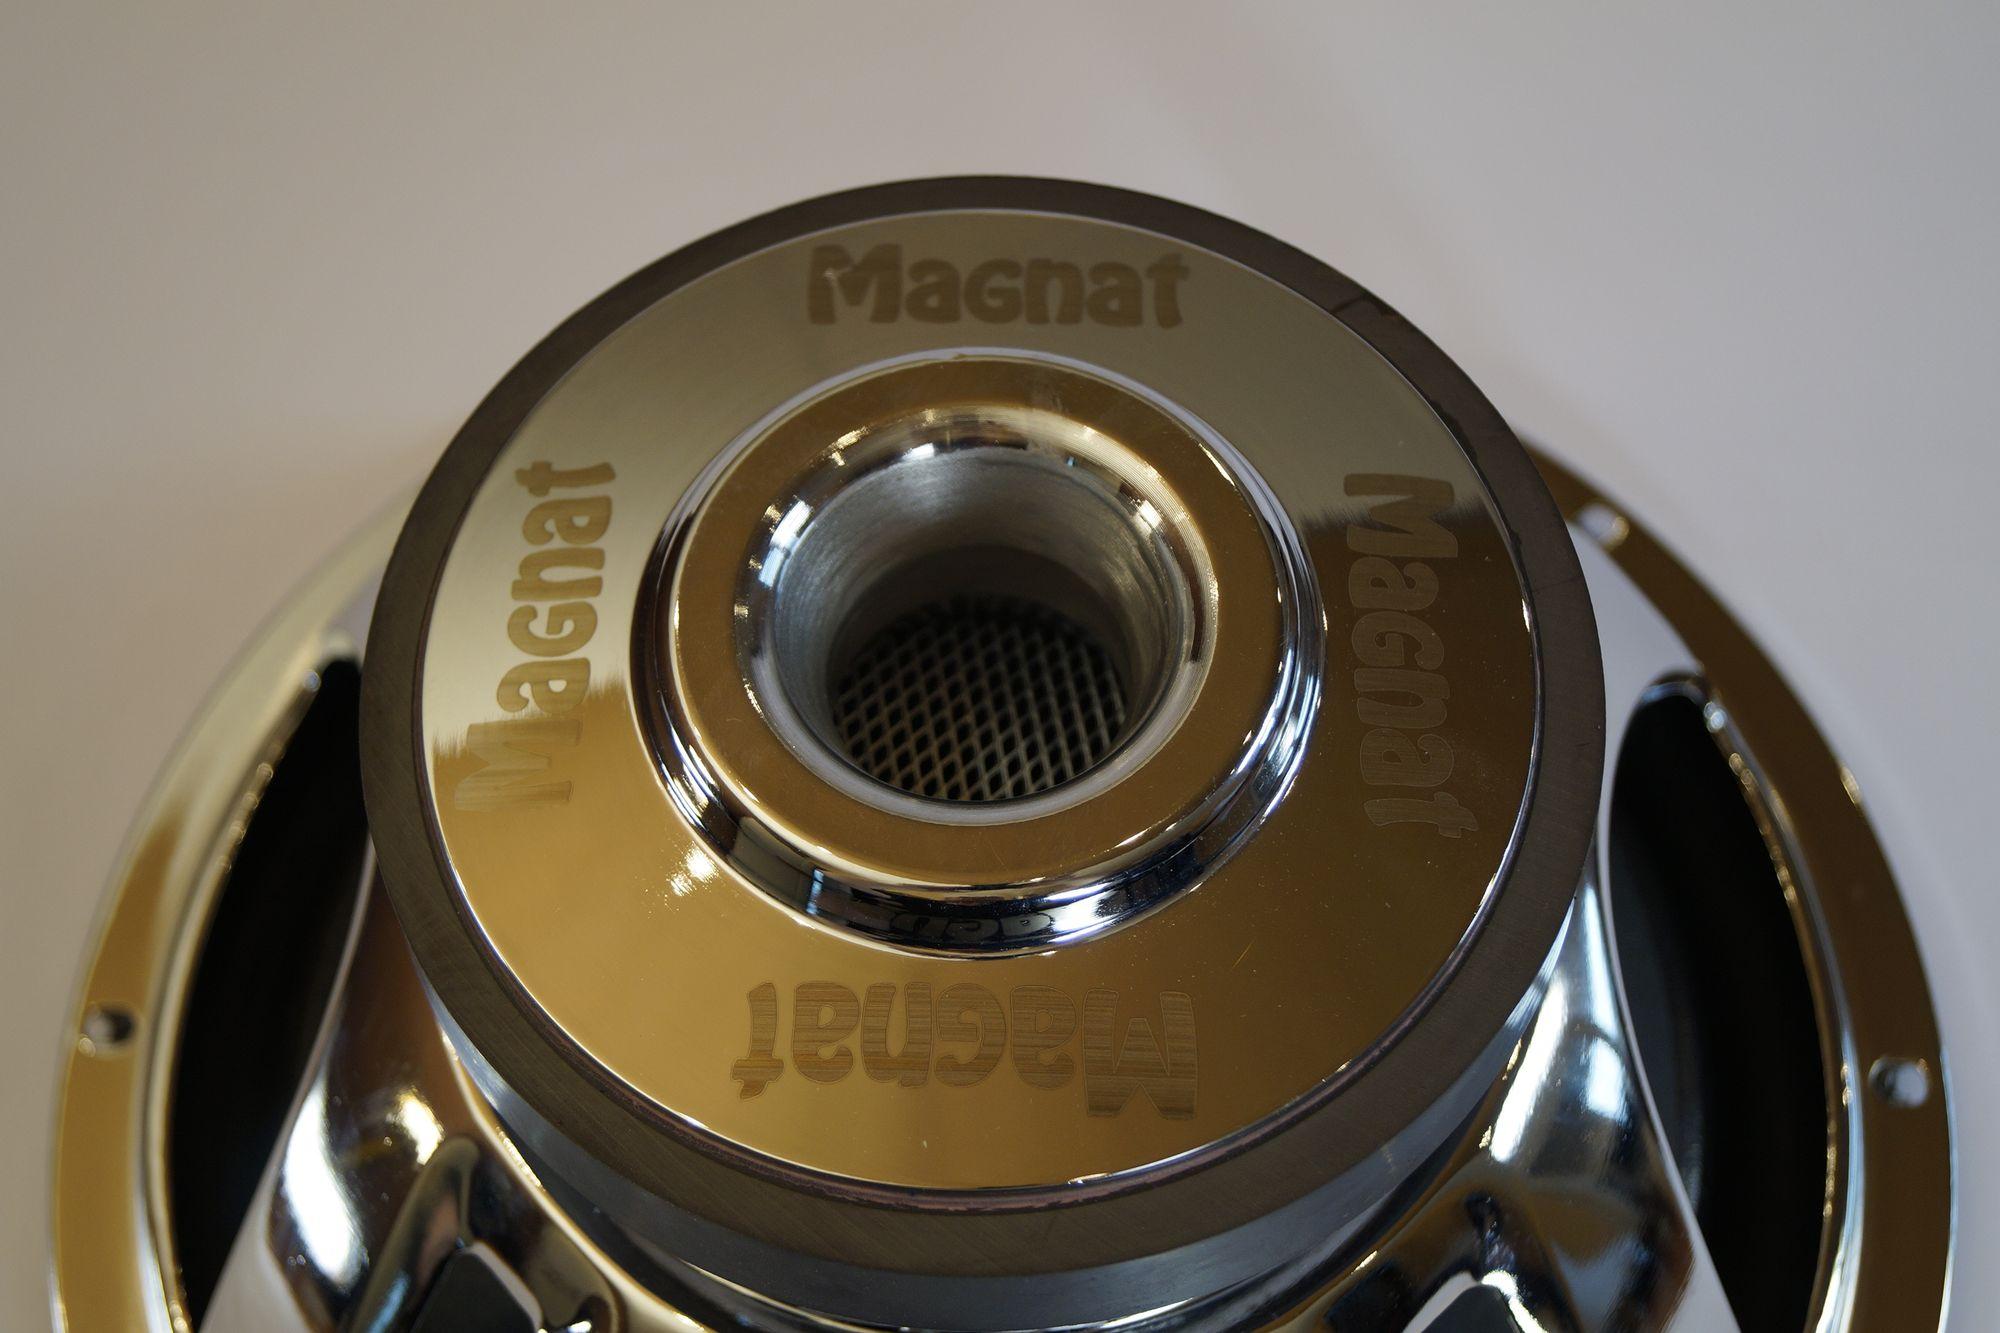 Magnat Transforce Reference 130 Tieftöner Subwoofer Basslautsprecher, 1000 Watt max., NEU – Bild 5